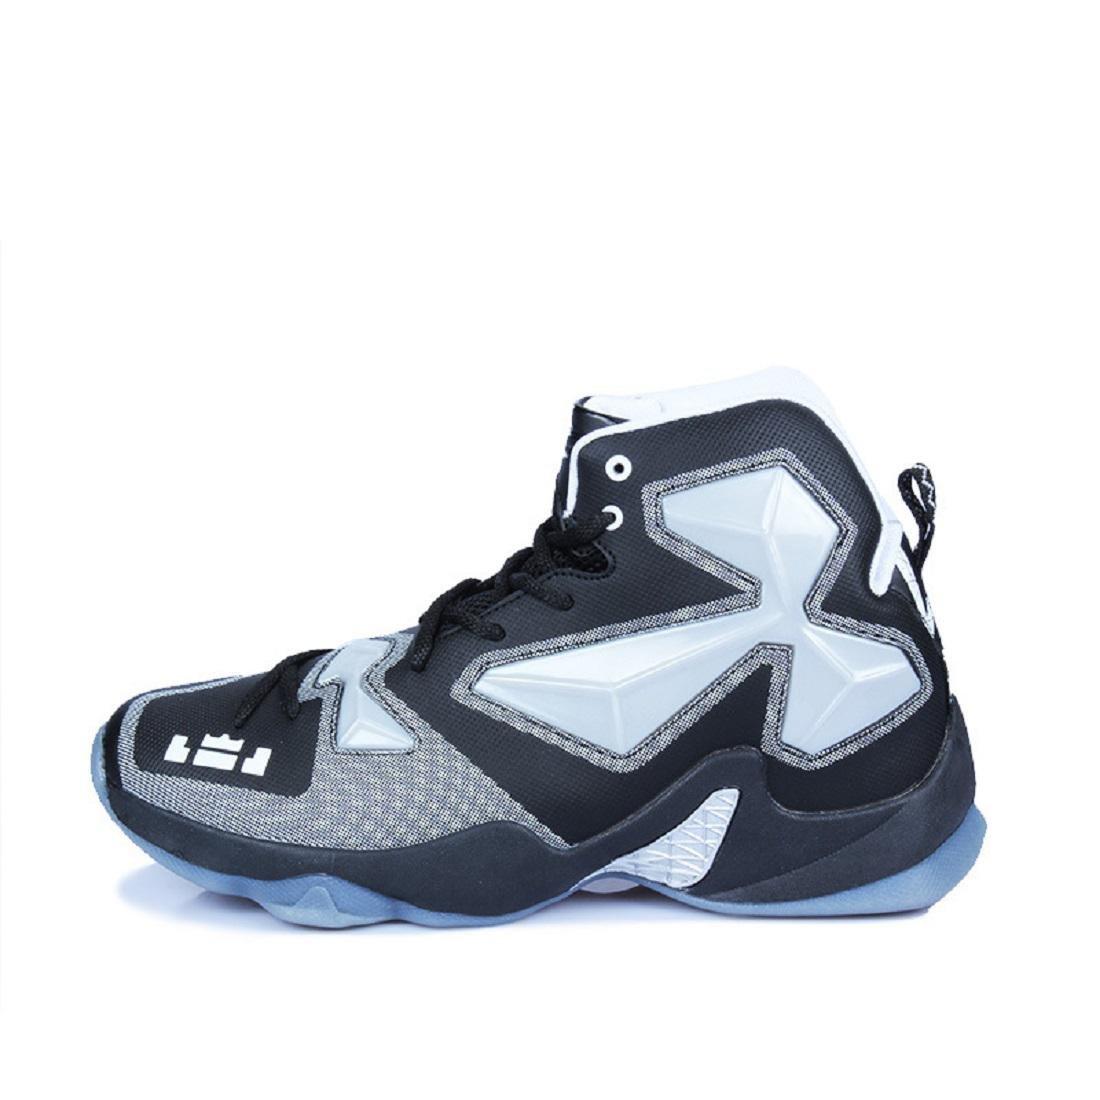 Herren Herbst Winter Draussen Sportschuhe High-Top-Schuhe Basketball Schuhe Laufschuhe Übung Fitness Füße schützen EUR GRÖSSE 39-45